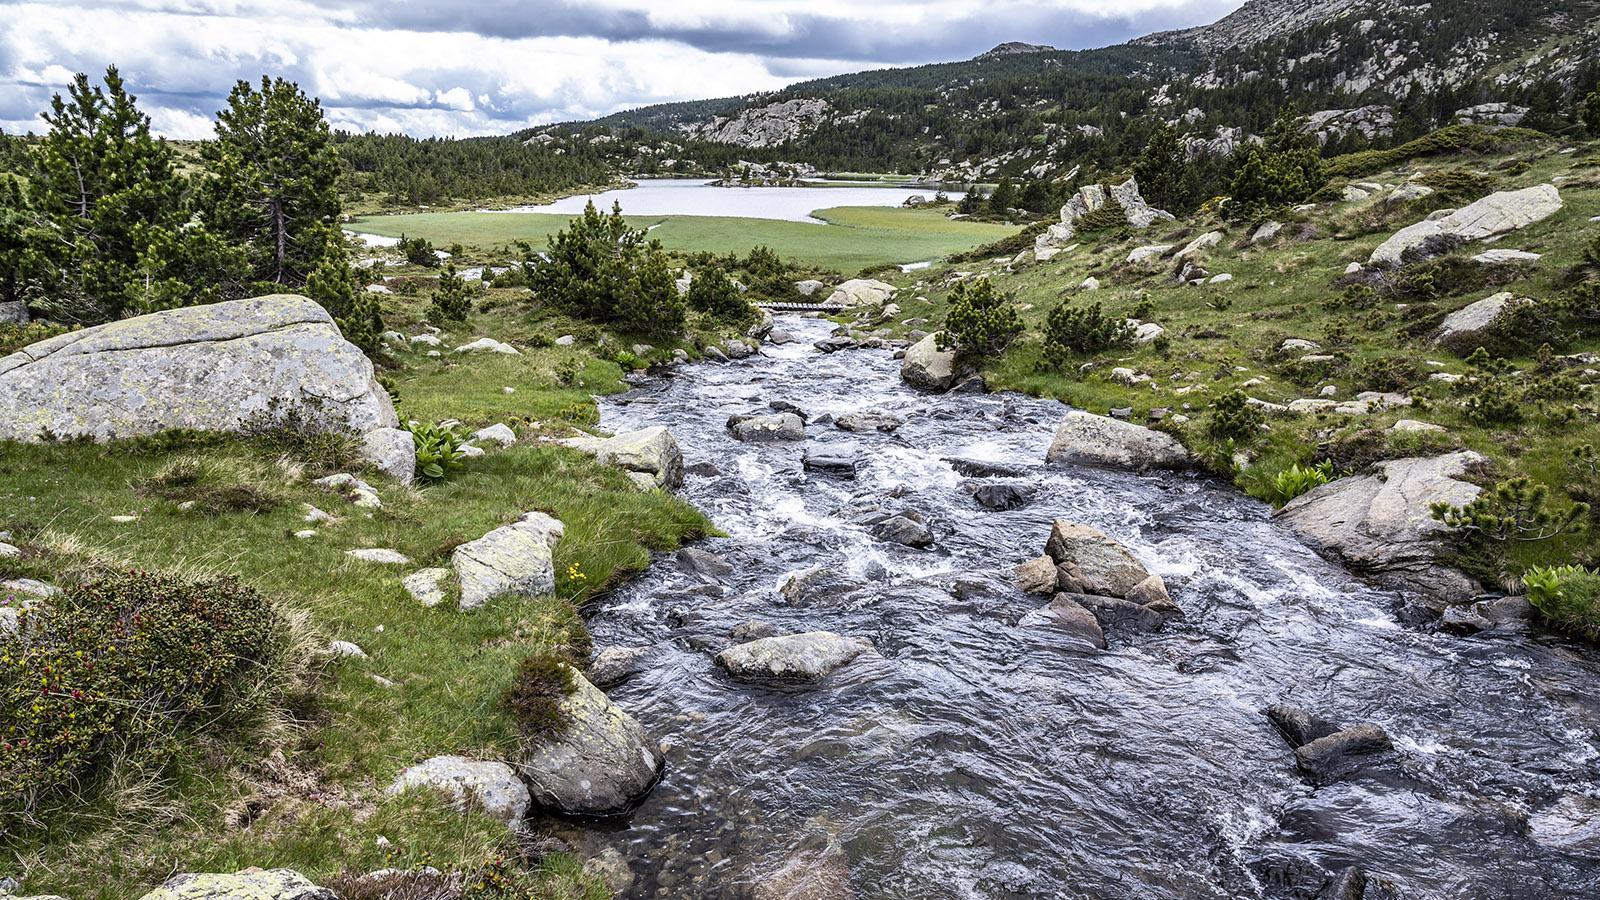 Ein Bergbach verbindet die beiden Bergseen Llong und Bailleul. Foto: Hilke Maunder